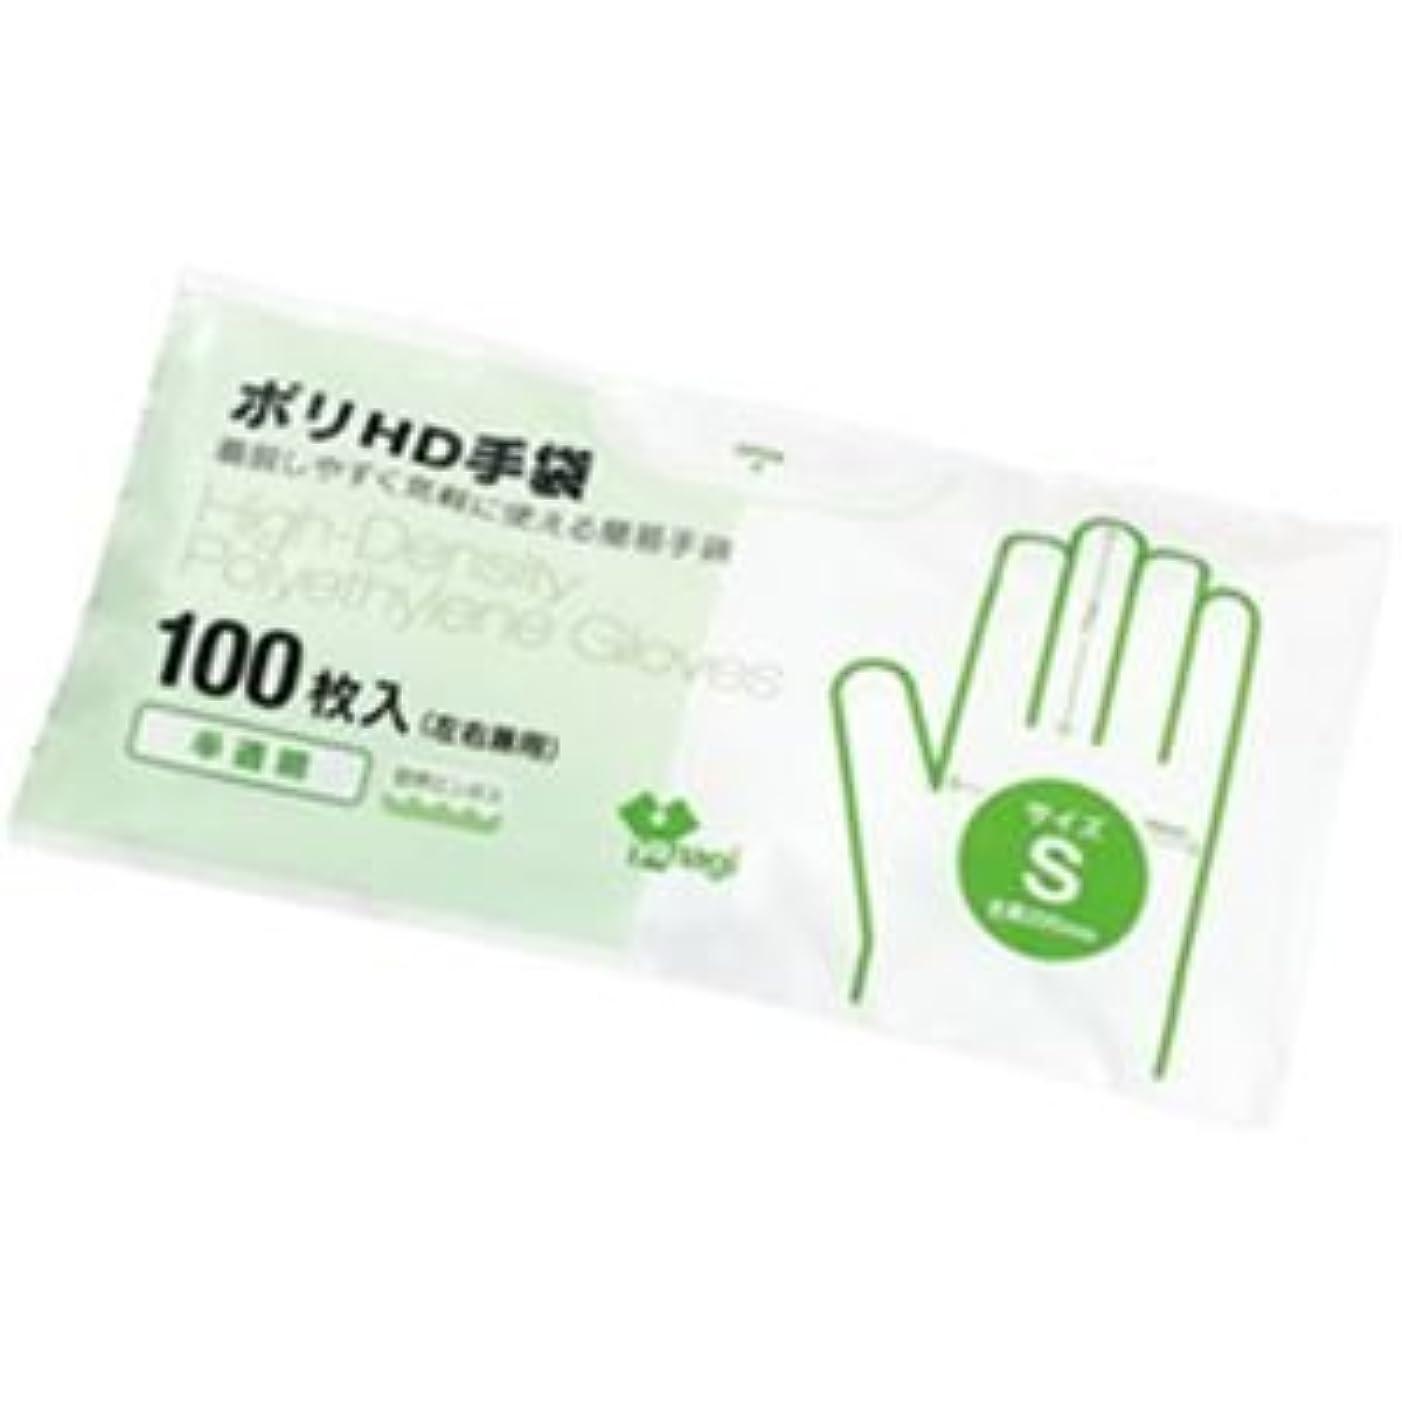 証明する時間とともに暴力的なやなぎプロダクツ 高密度ポリエチレン手袋 S 半透明 1箱(100枚) ×30セット